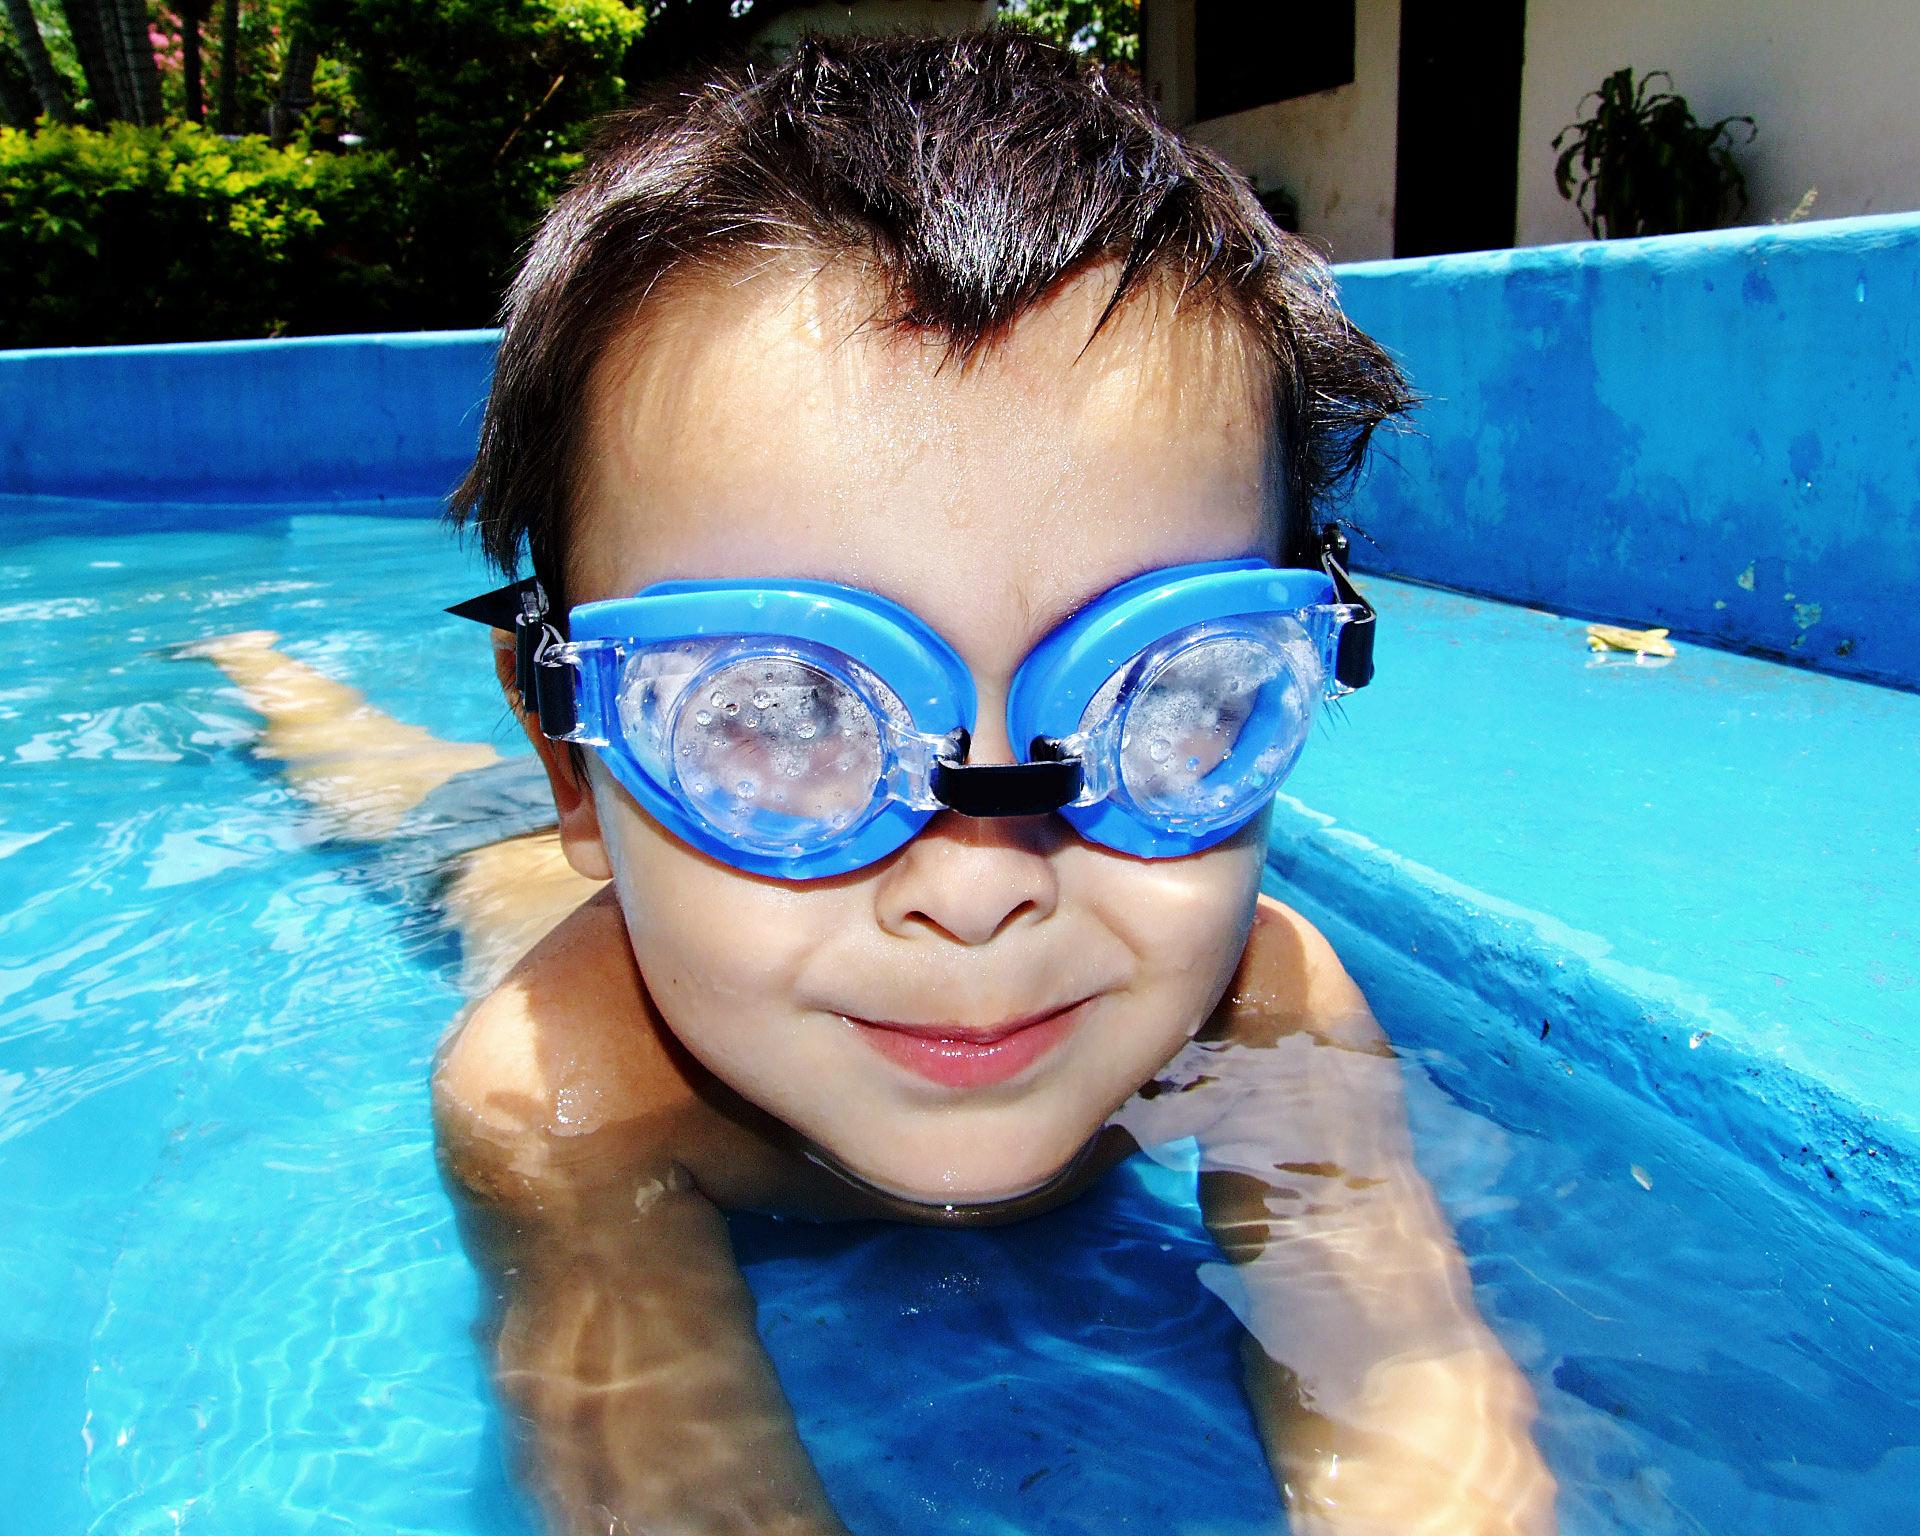 Figura 4. Os óculos de proteção evitam irritações e inflamações nos olhos (Fonte: Pixabay)